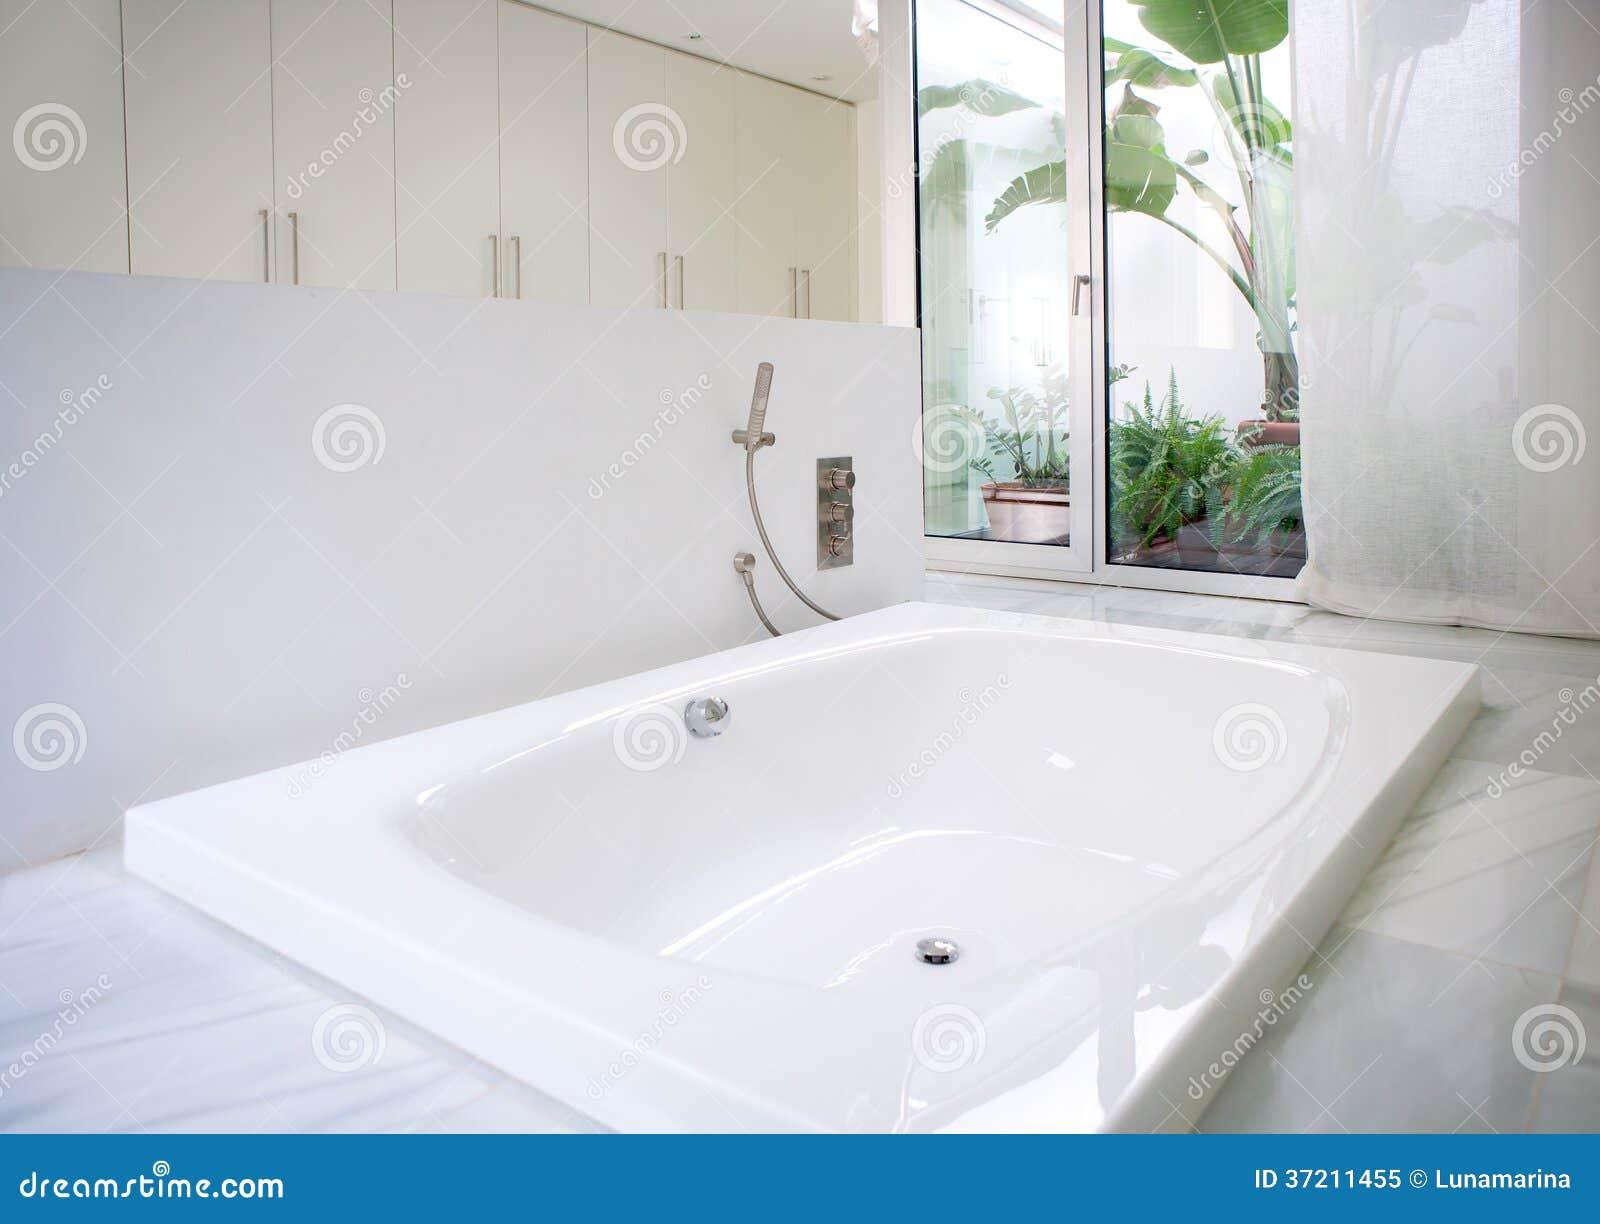 Banheira Branca Moderna Do Banheiro Da Casa Com Claraboia Do Pátio Foto de St -> Banheiro De Hotel Com Banheira